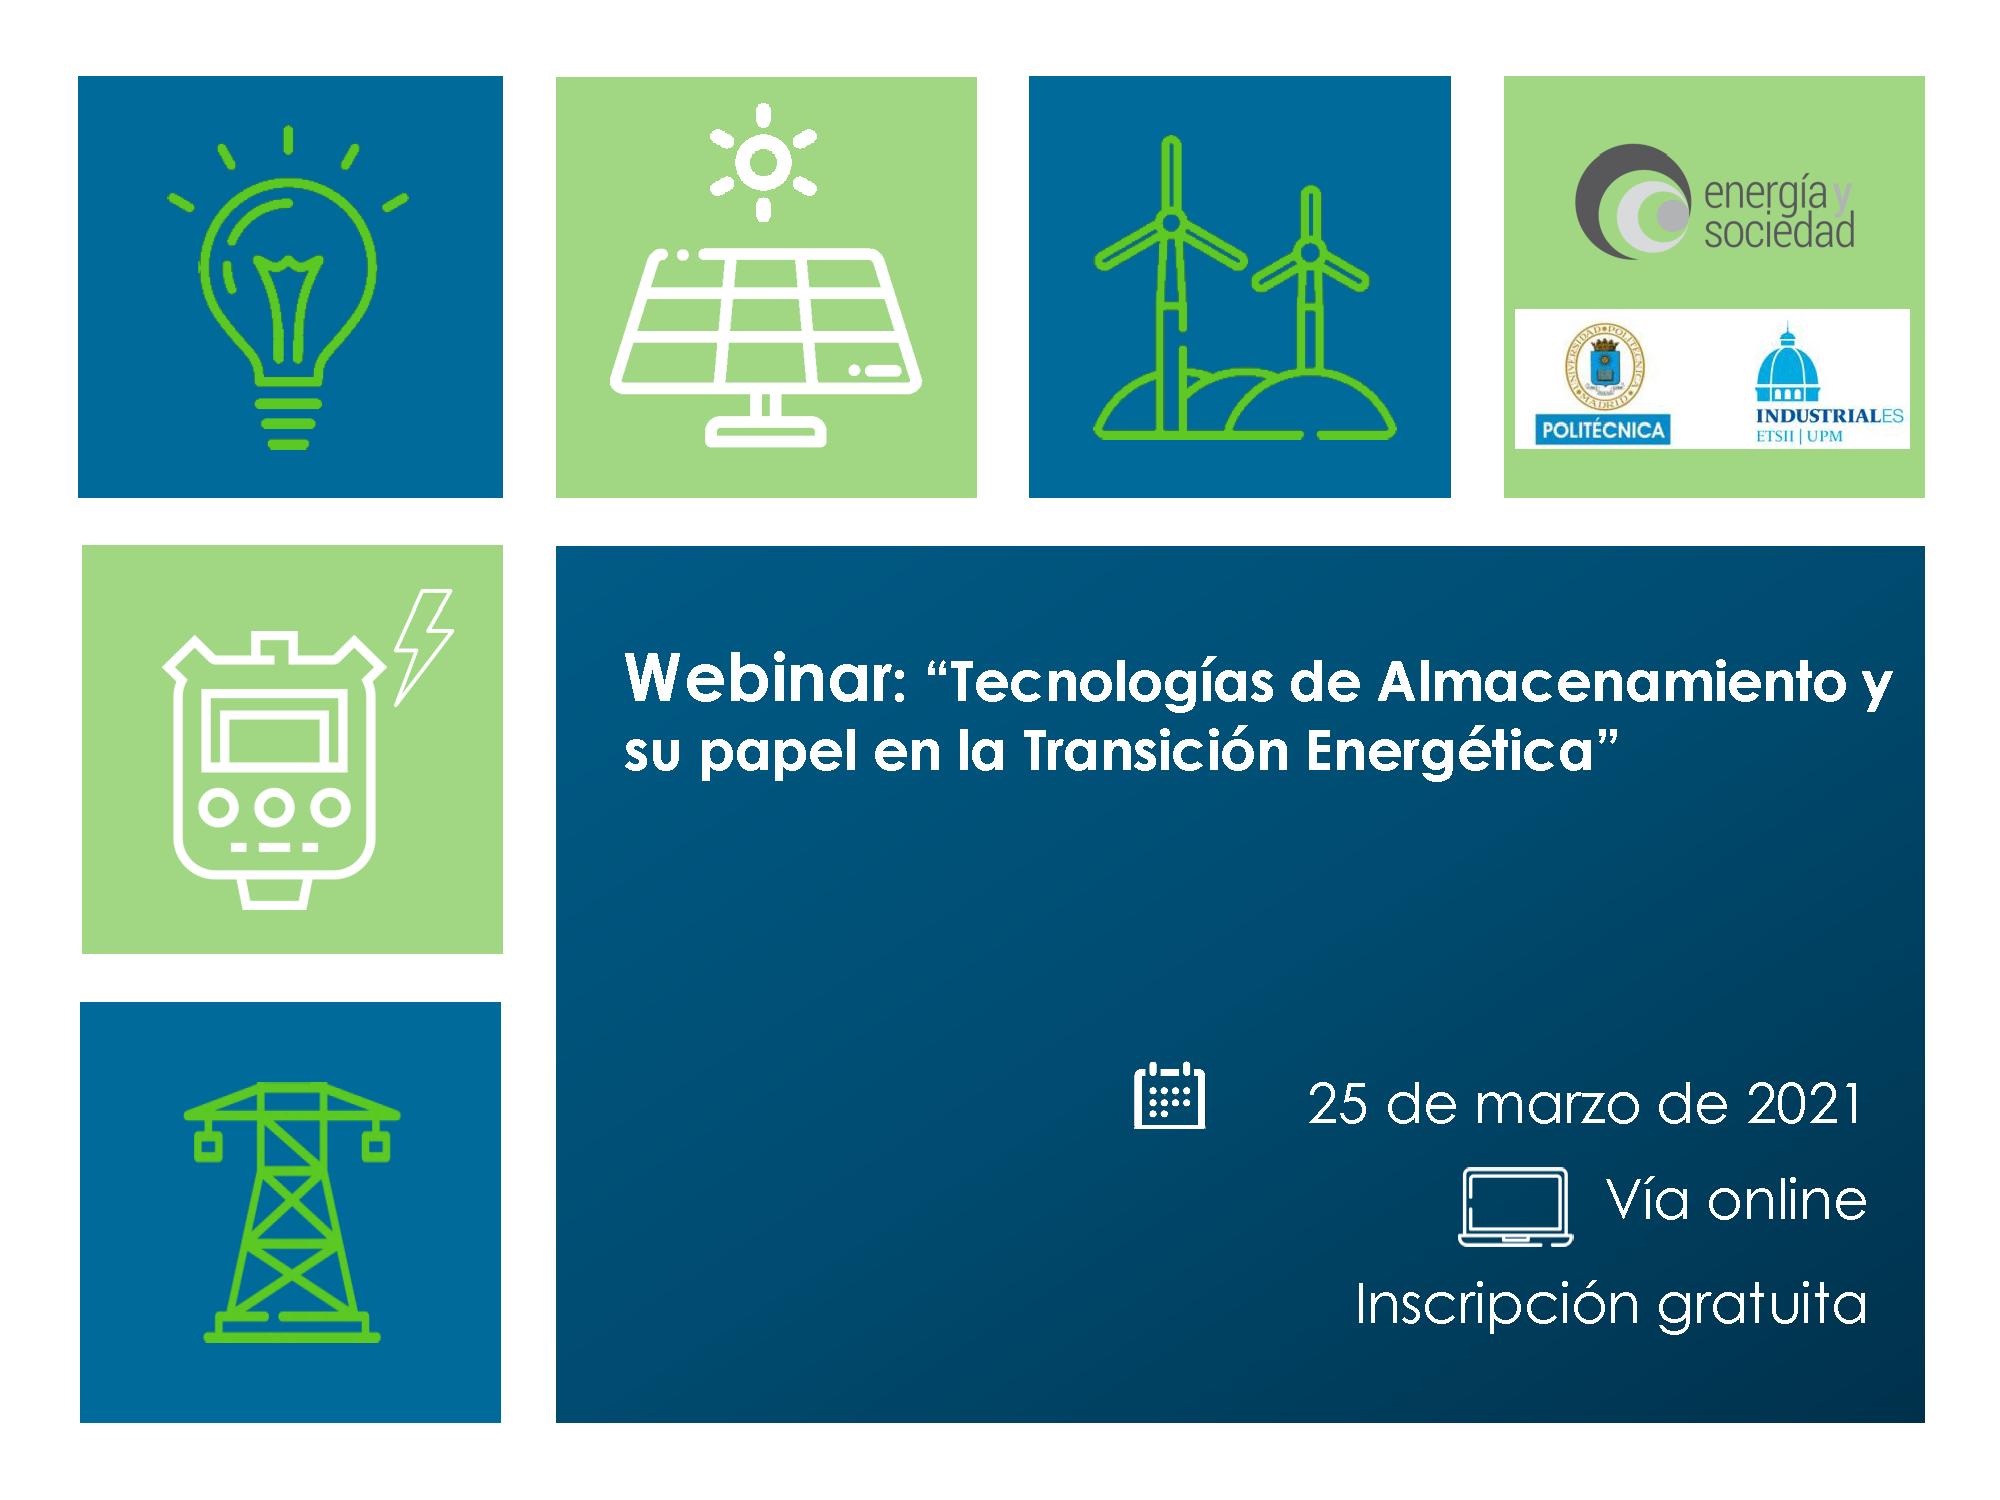 Cartel_Webinar_Almacenamiento_EyS